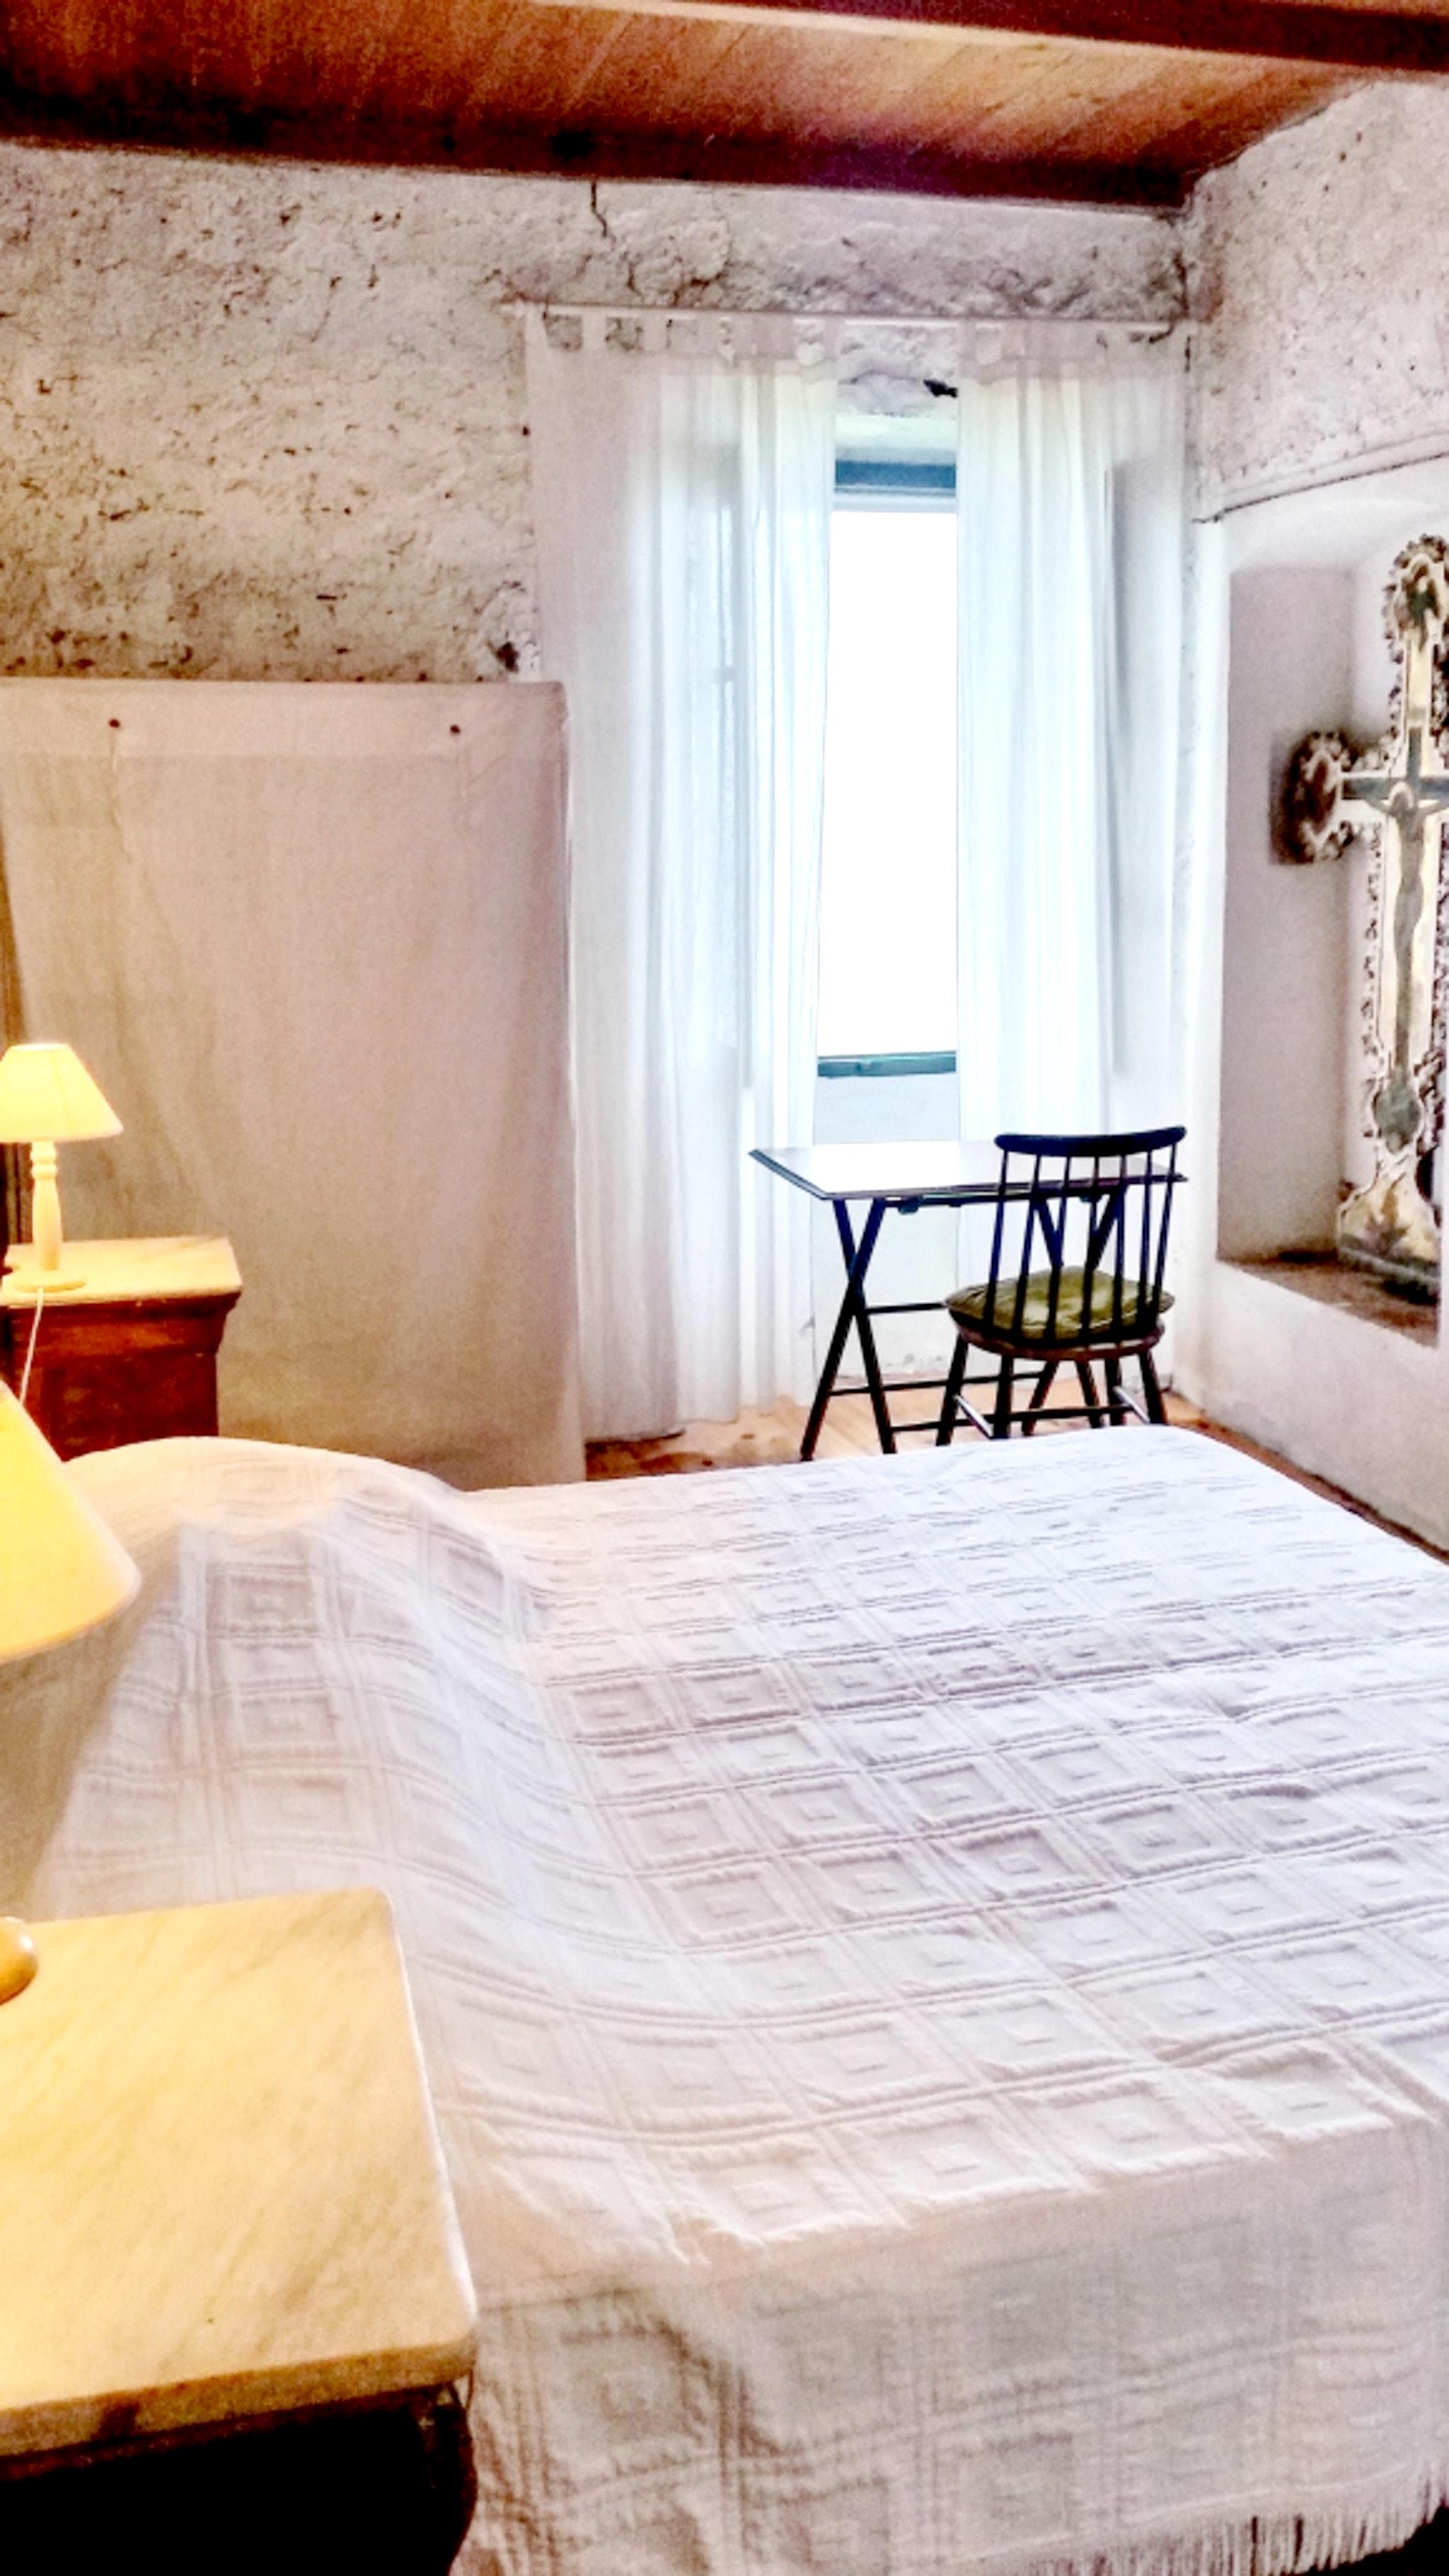 Maison de vacances Herrliches Haus mit neun Schlafzimmern und grandiosem Blick aufs Meer im hübschen Dörfchen (2202571), Centuri, Haute-Corse, Corse, France, image 20